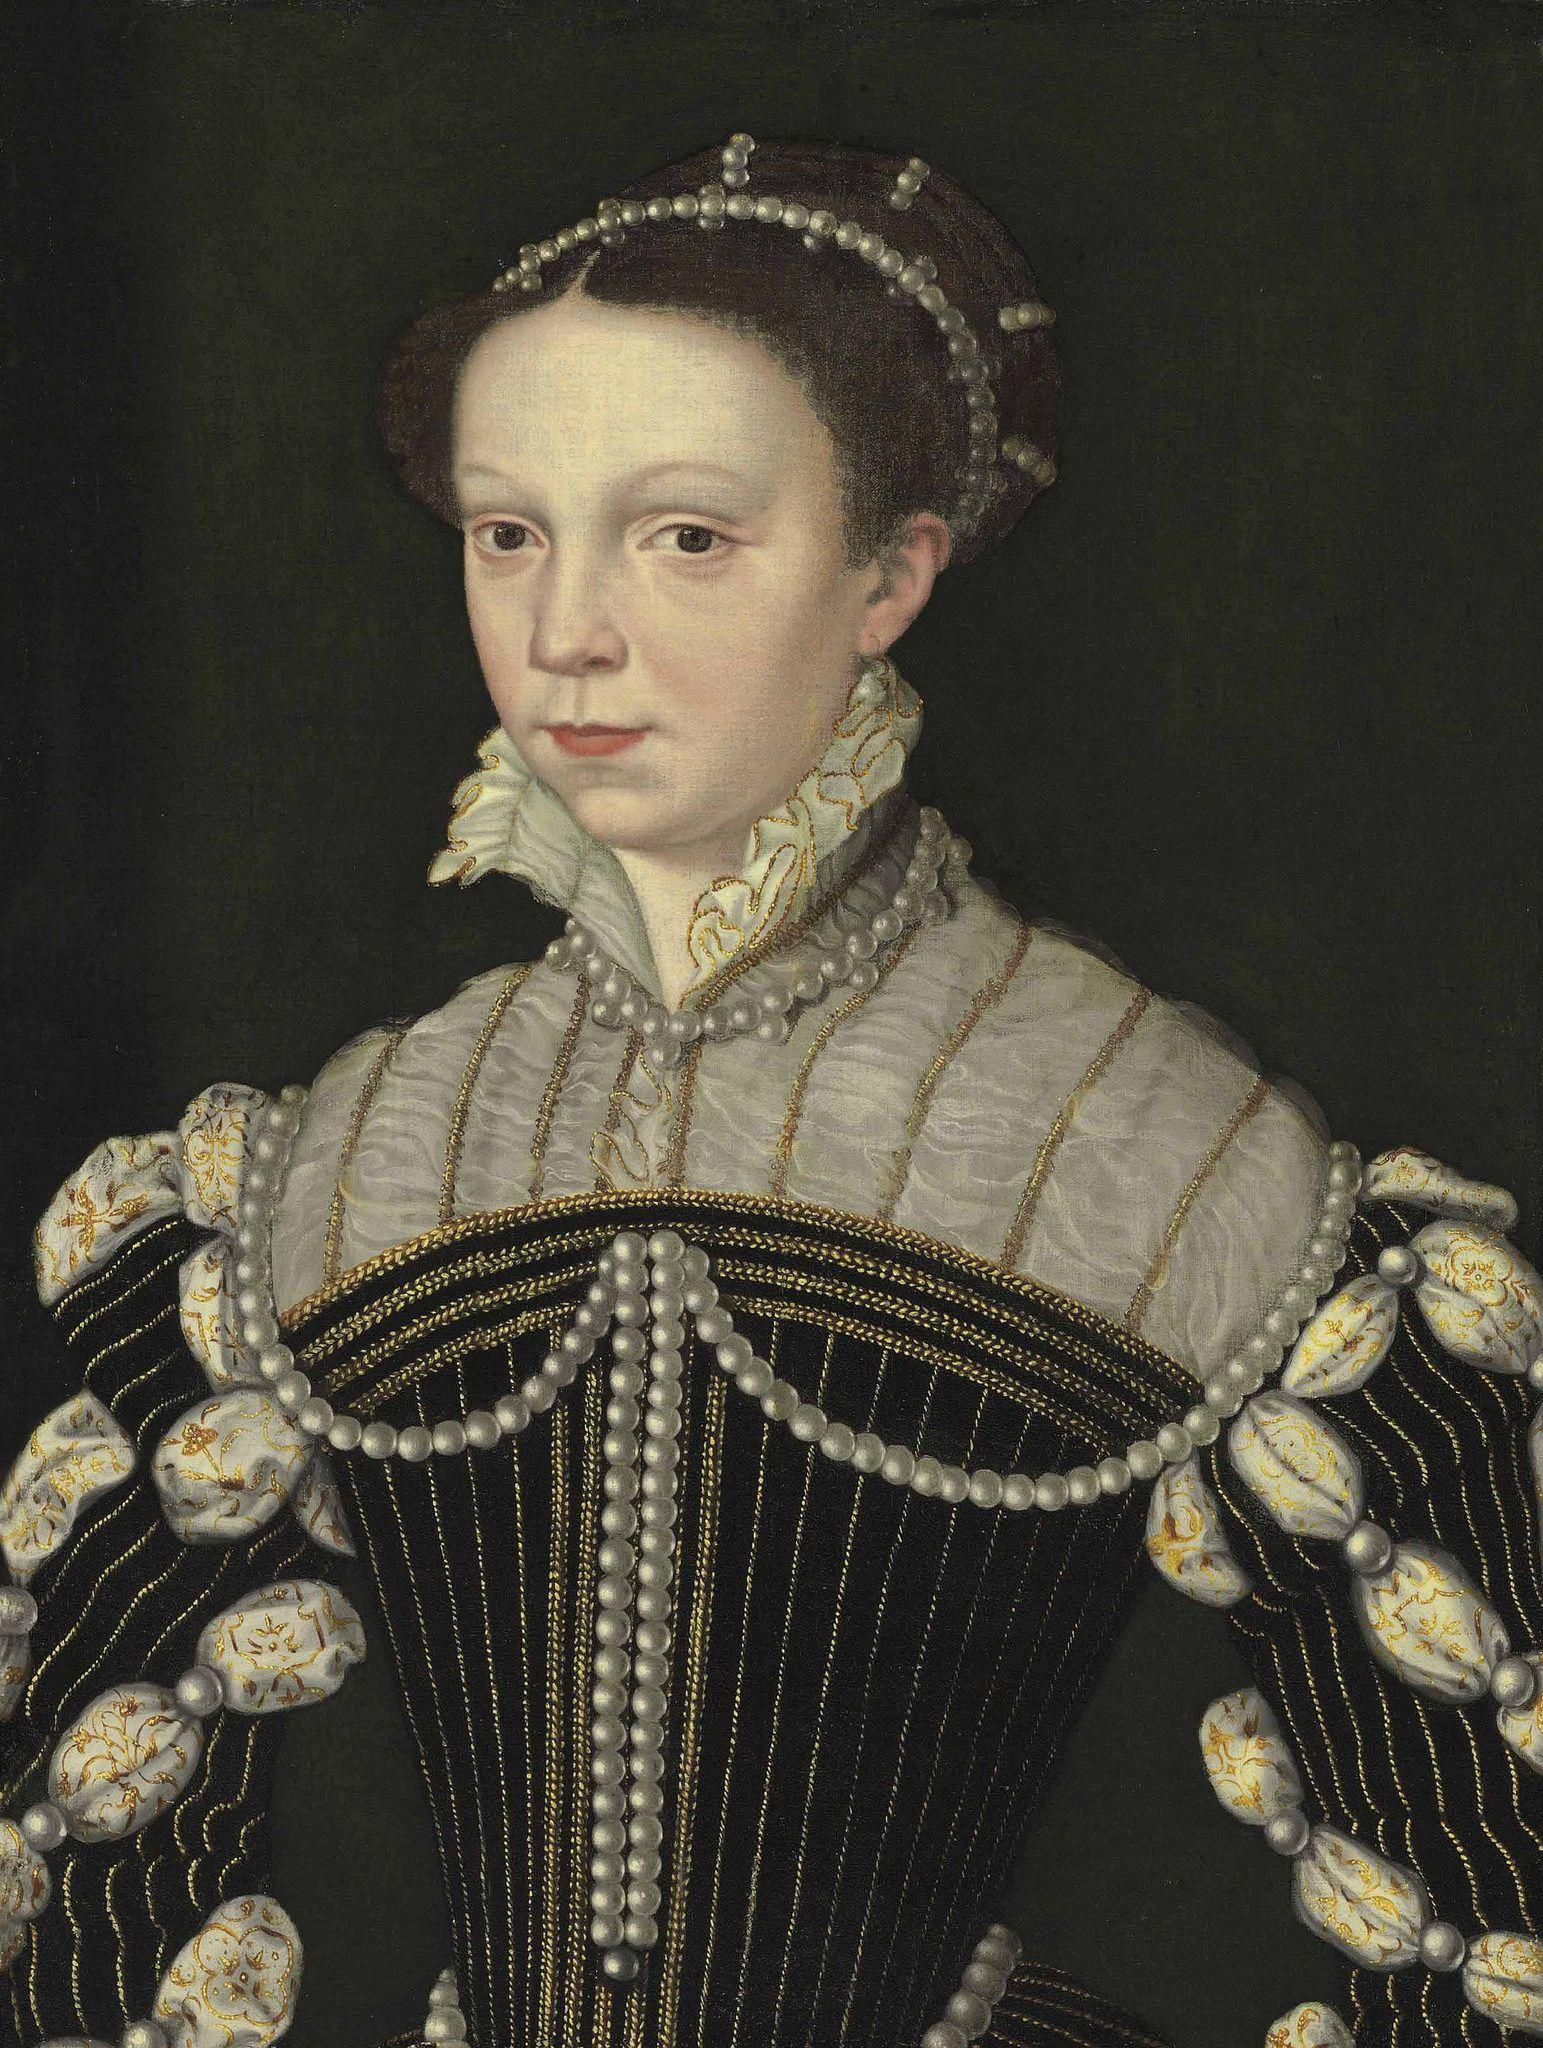 Portrait de Isabelle de Valois-Angoulême princesse de France, reine d'Espagne, 1559 école de Clouet